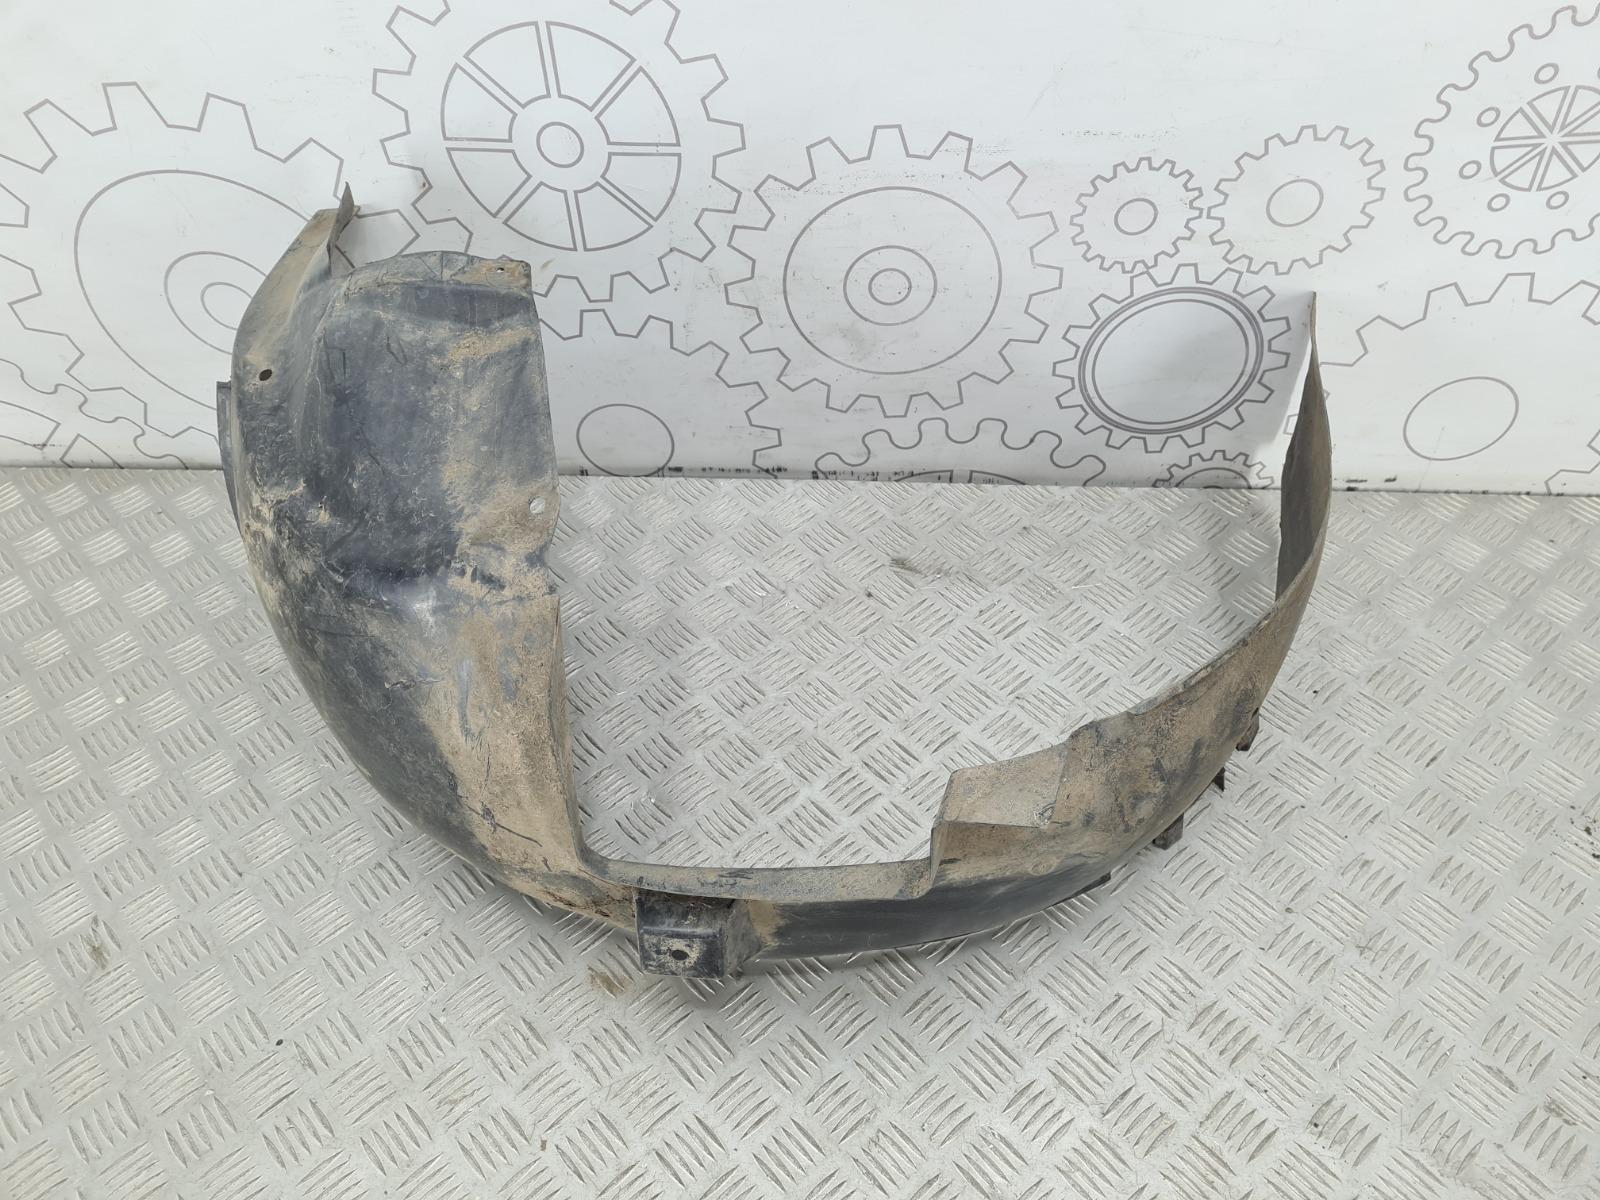 Защита арок передняя левая (подкрылок) Opel Vectra C 1.9 CDTI 2005 (б/у)